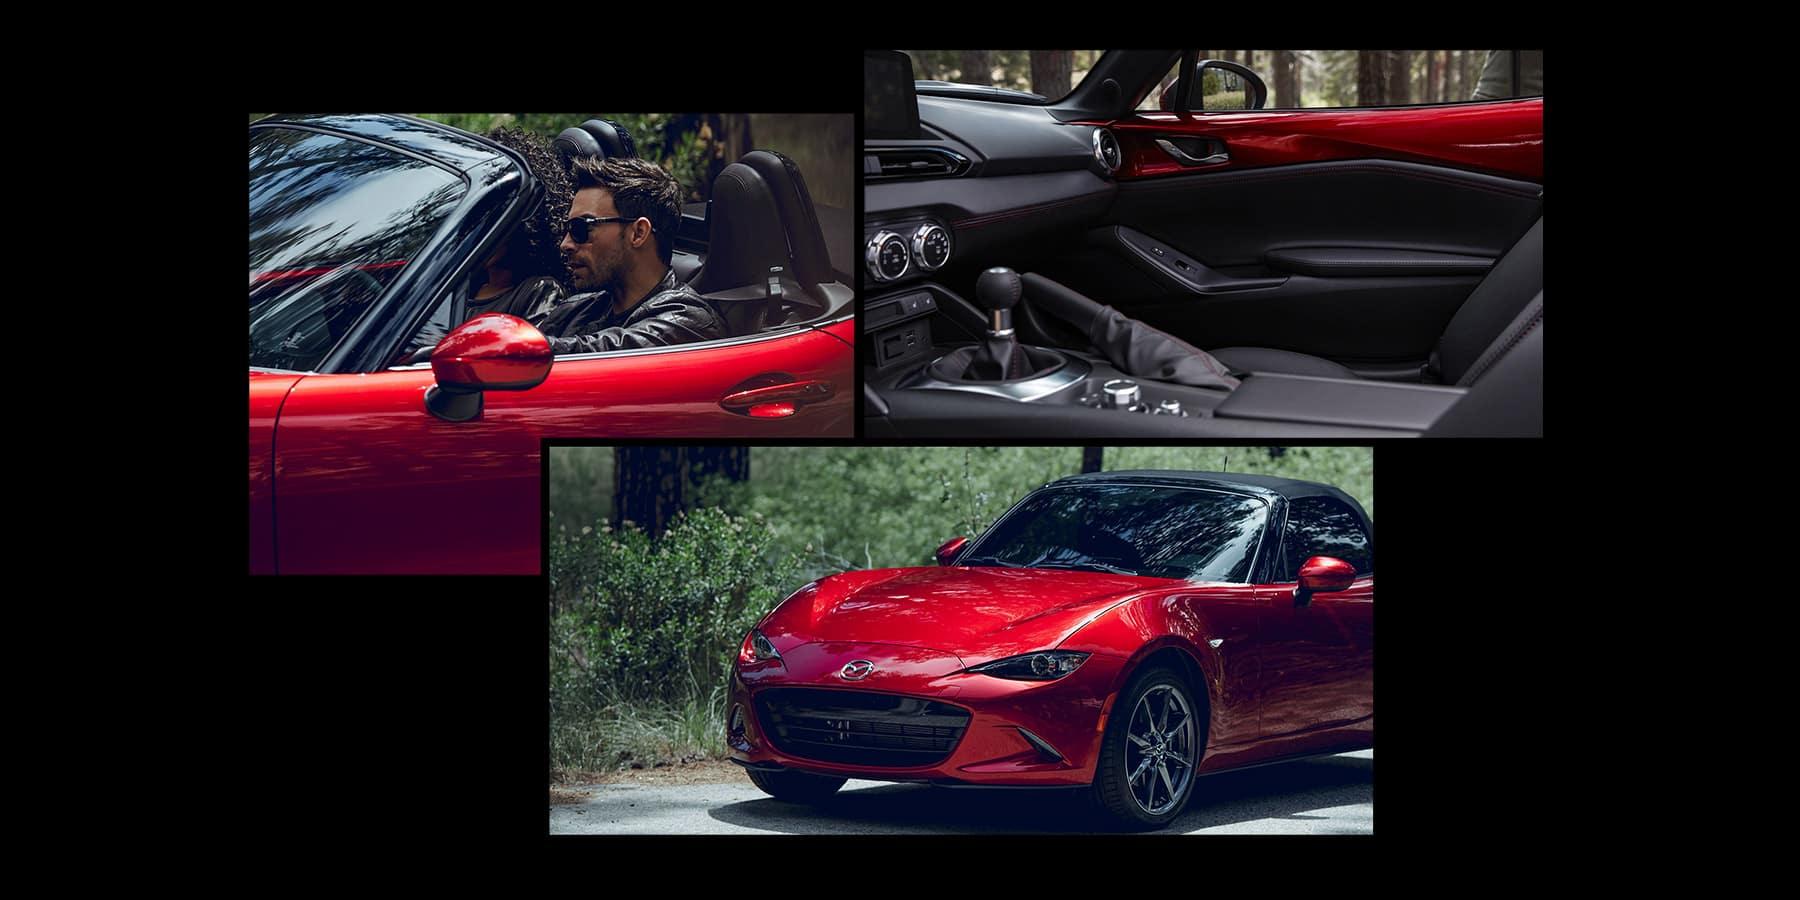 Davidson NC - 2019 Mazda MX-5 Miata's Overview